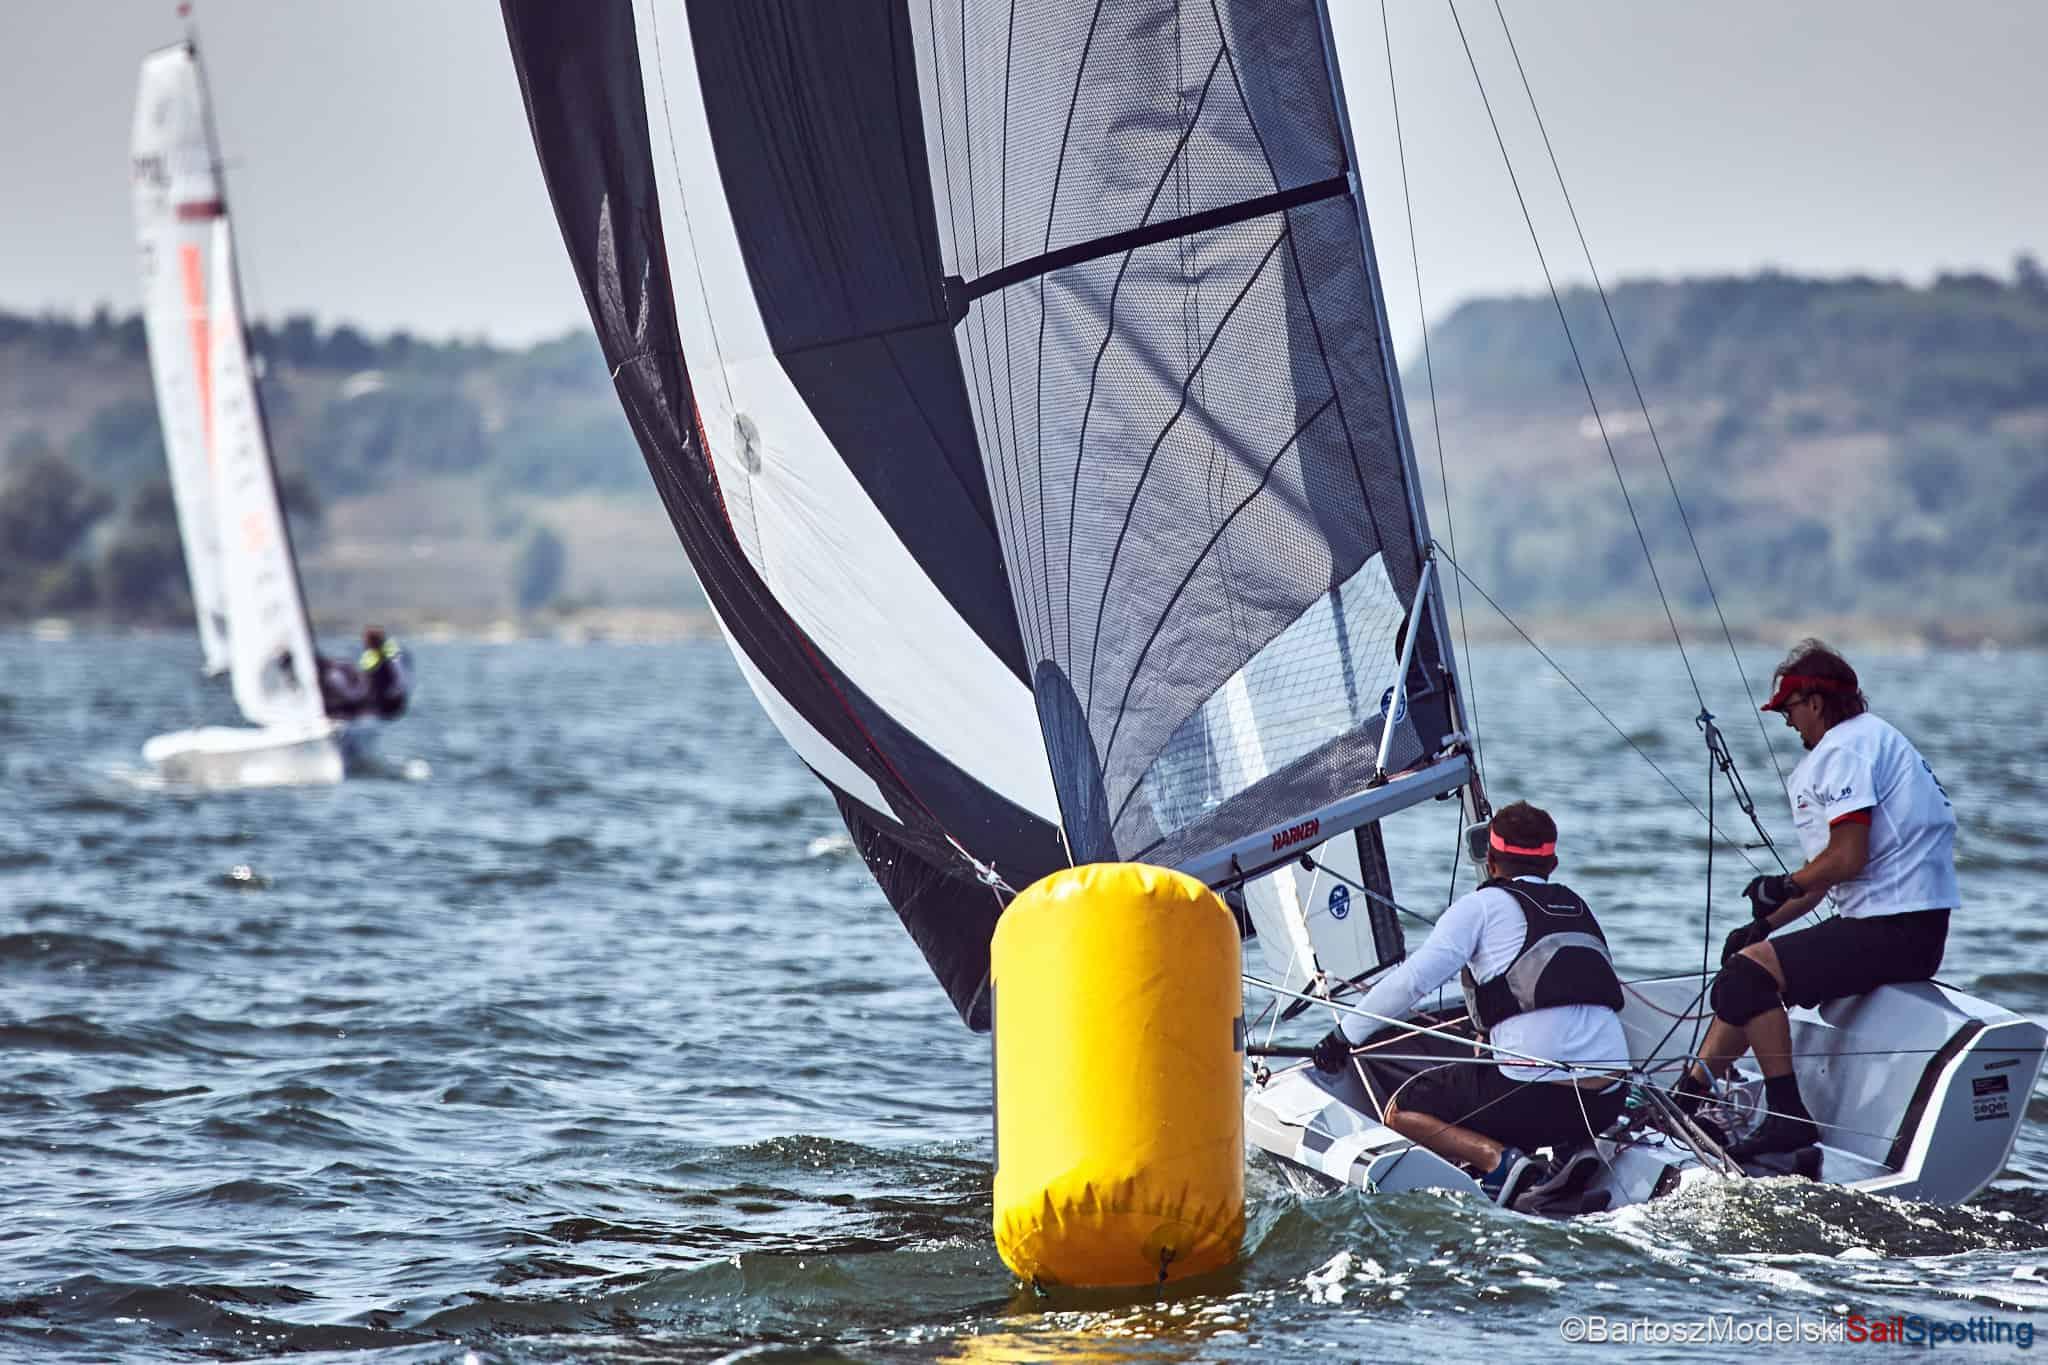 BMW Warsaw Sailing Days dla załogi Maksymowicz/Groszyk